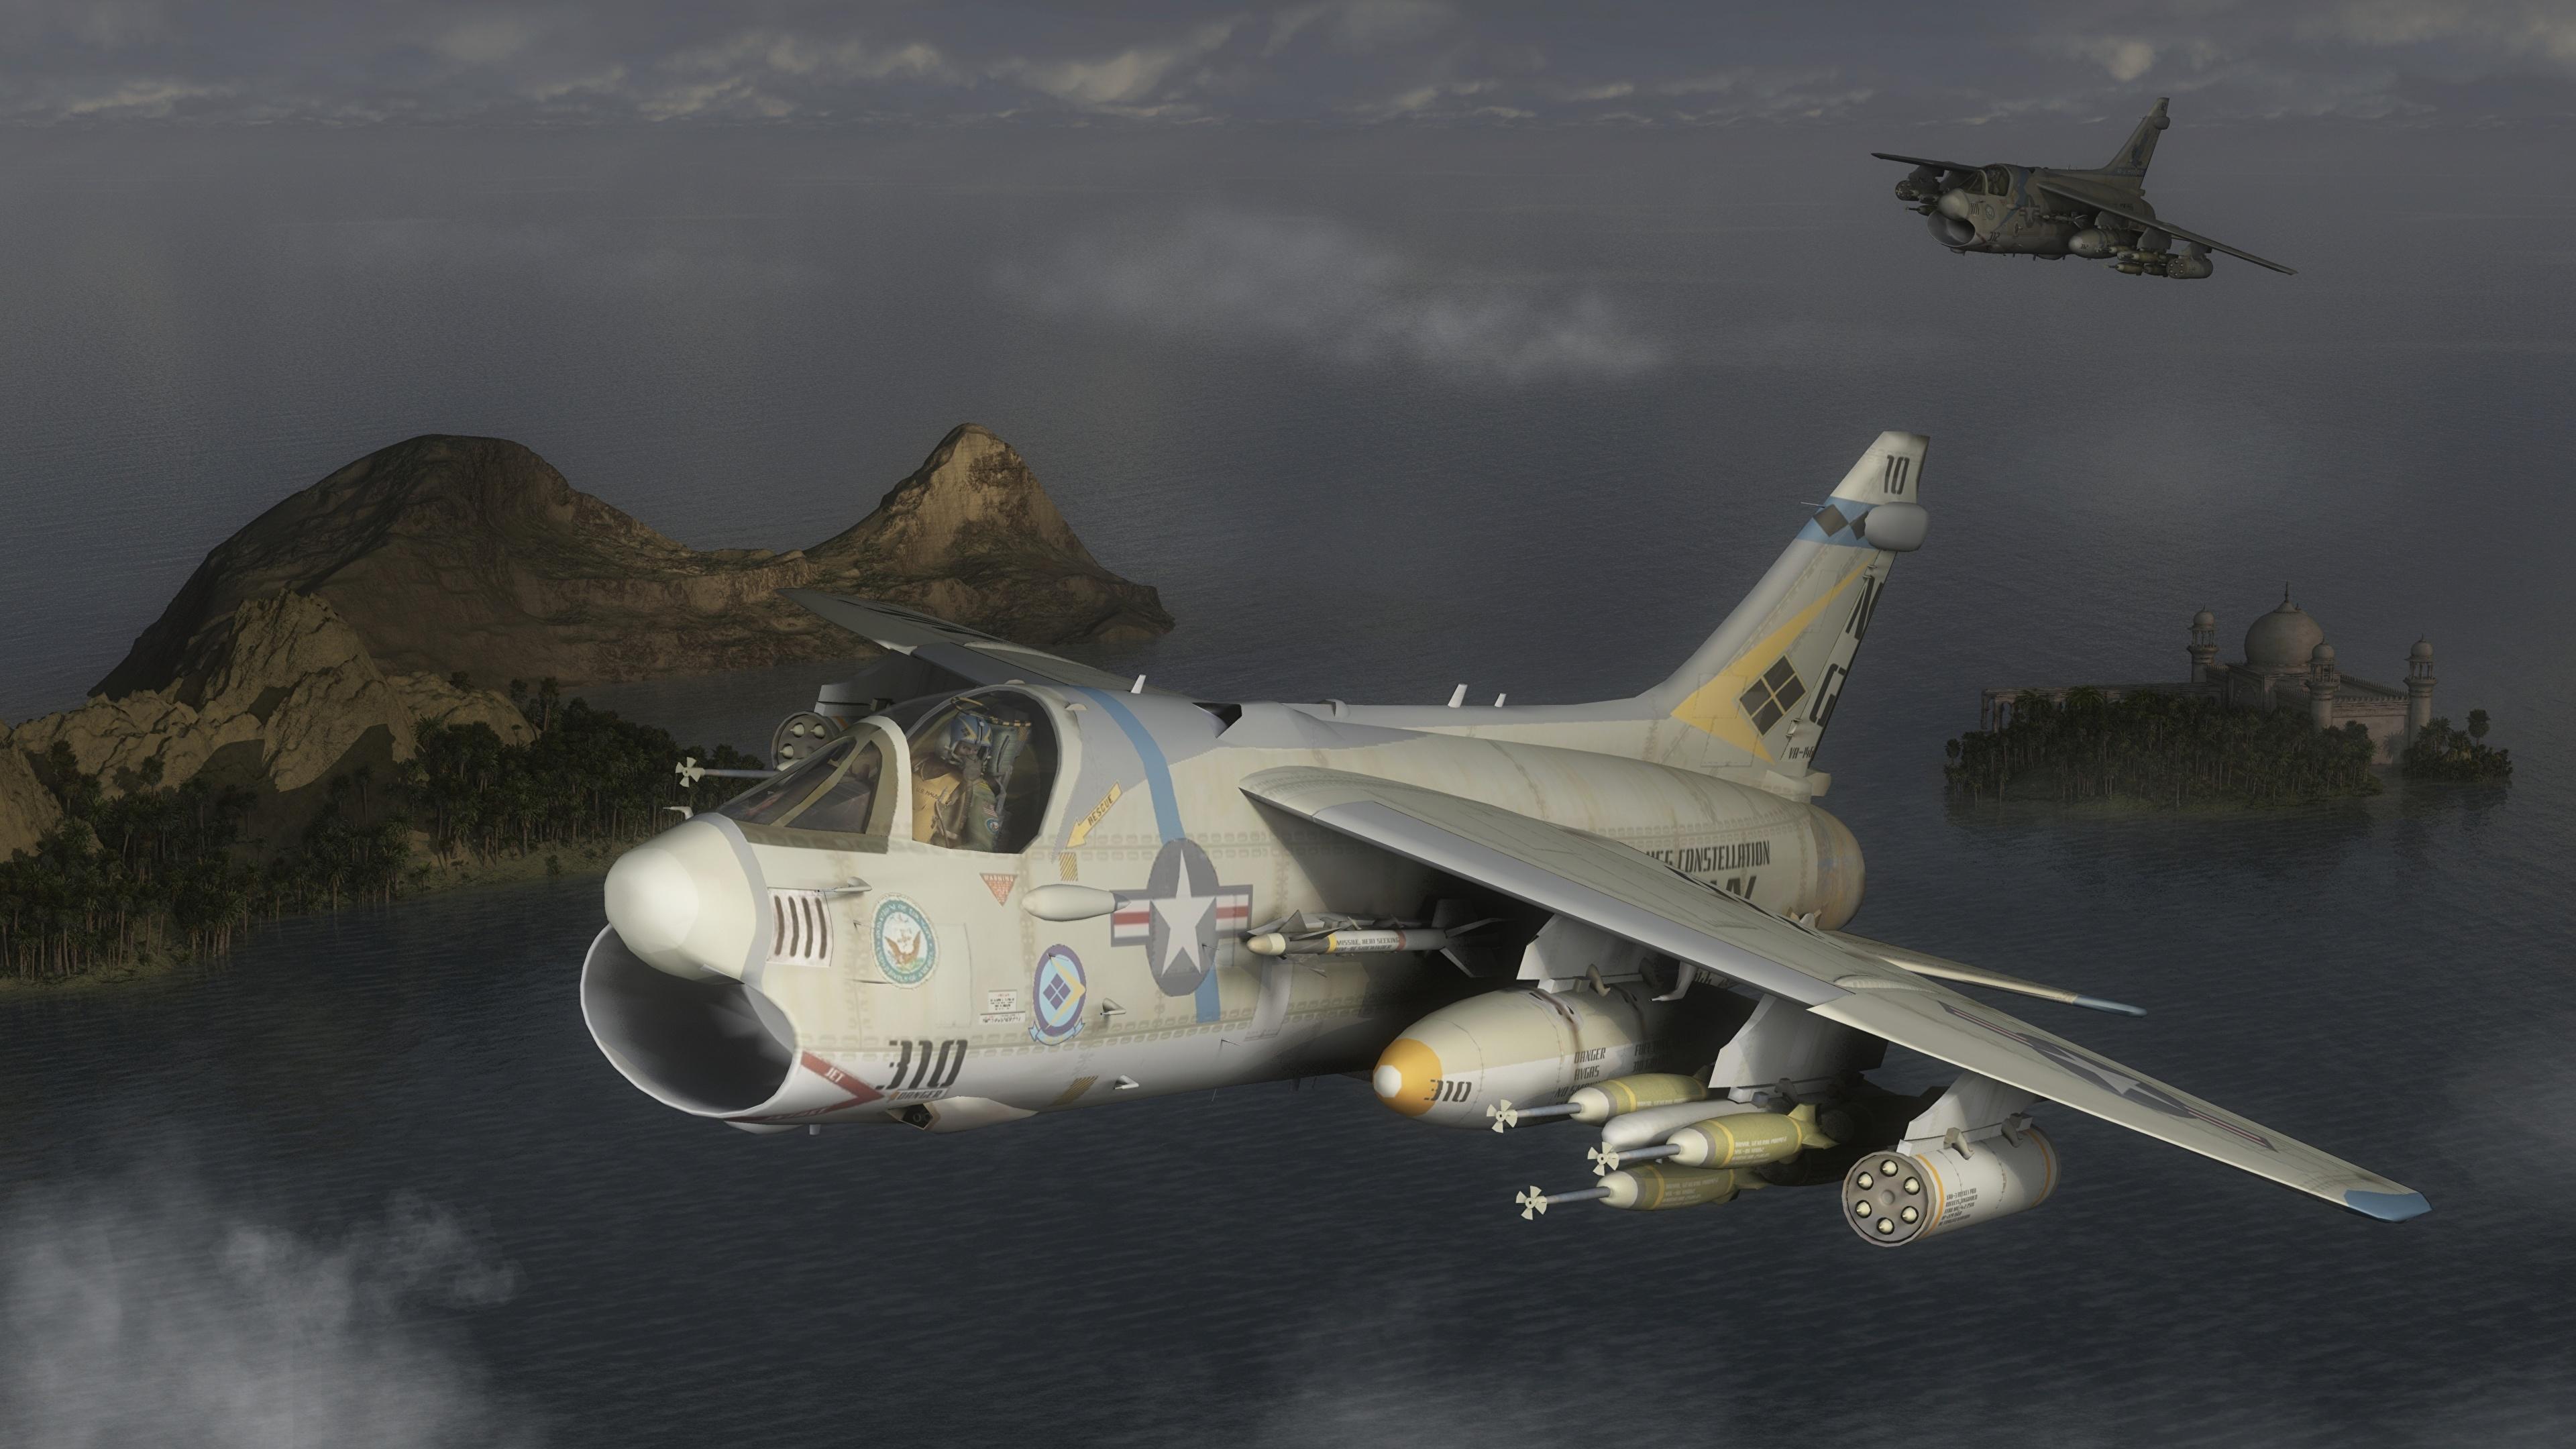 壁紙 3840x2160 飛行機 戦闘機 Ling Temco Vought A 7 Corsair Ii 飛翔 3dグラフィックス ダウンロード 写真